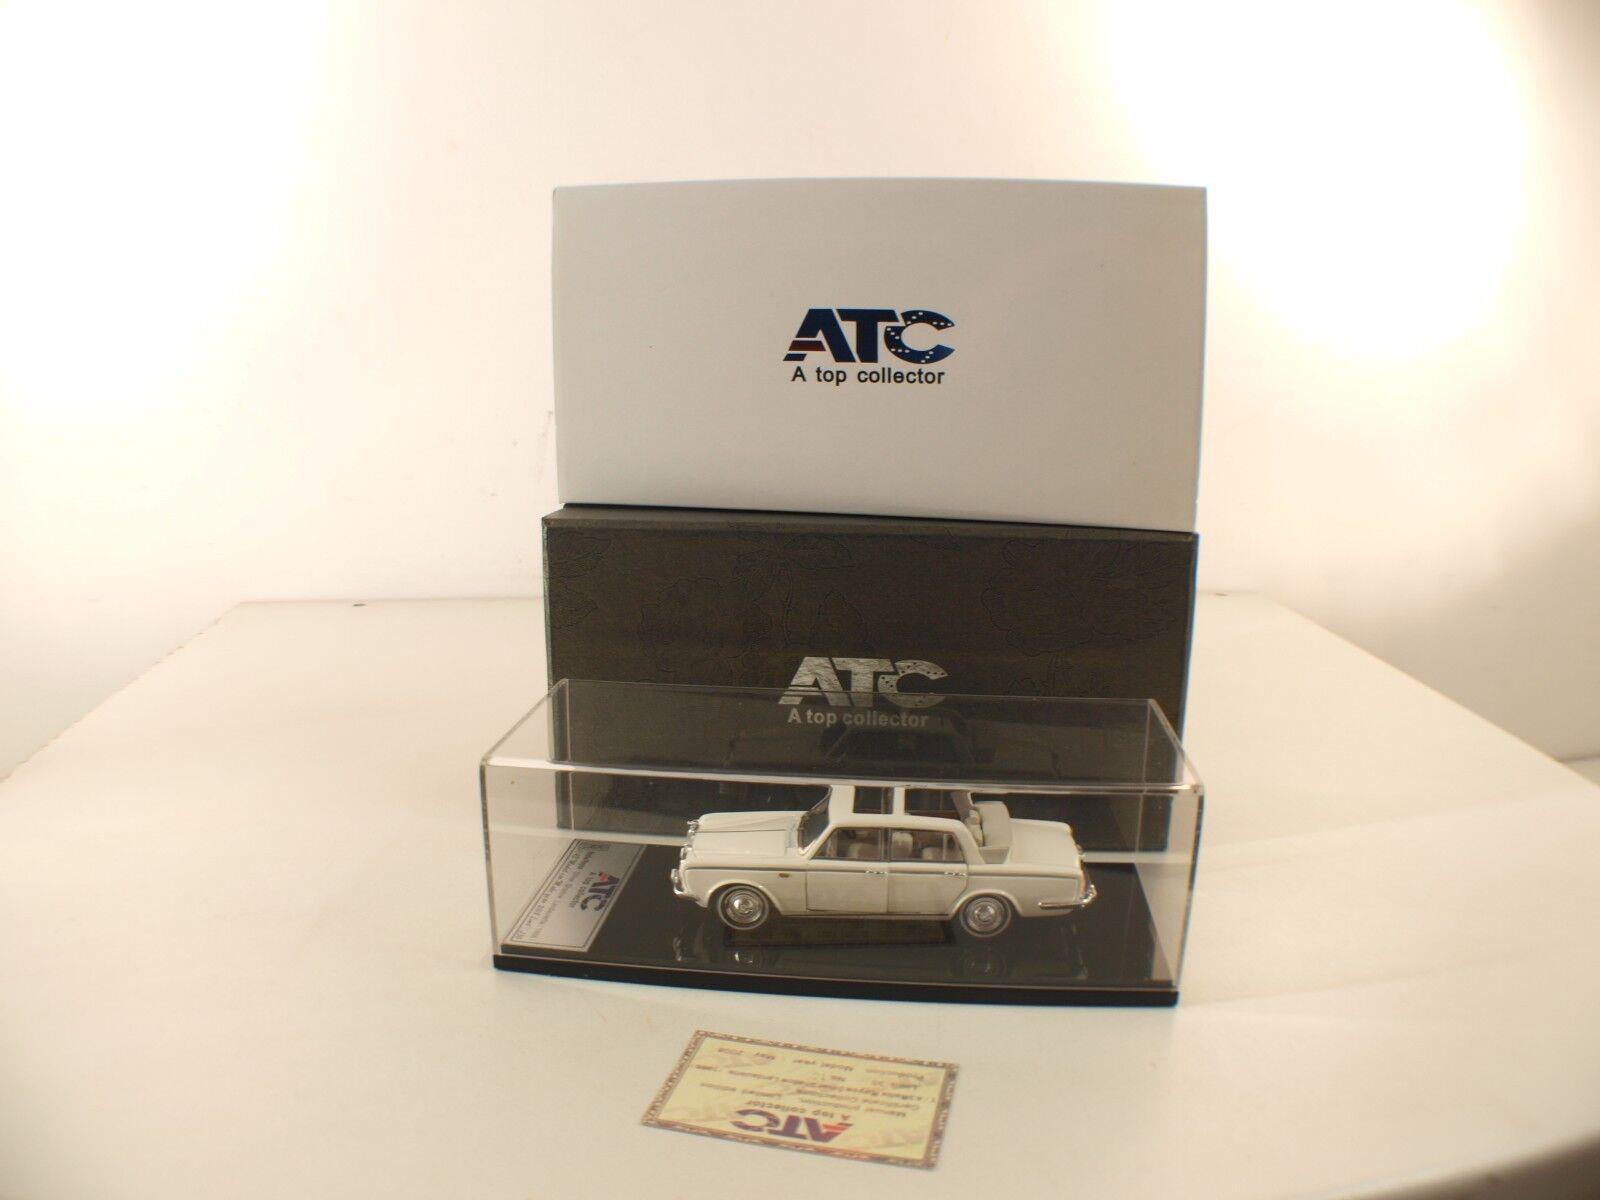 Atc Modello Collectibles - 1966 Modellino Rolls Royce Argento Tonalità -